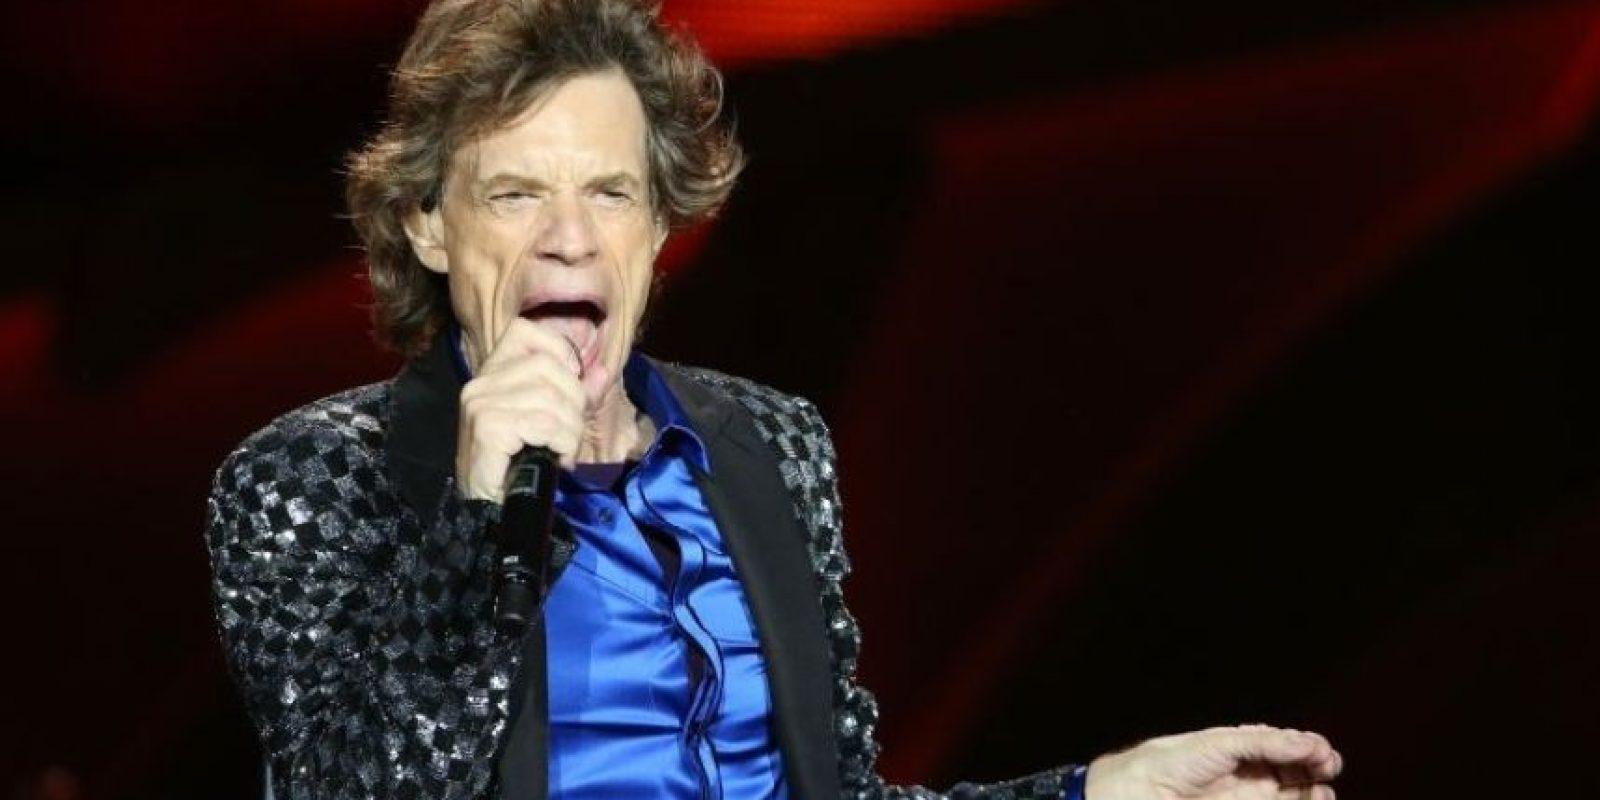 En los años 90, la modelo brasileña Luciana Giménez Morad aseguró estar embarazada de Mick Jagger. El cantante se hizo una prueba de paternidad y dio positivo. Desde entonces, Jagger paga 10 mil dólares al mes por su hijo, lo hará hasta que éste cumpla 21 años Foto:Getty Images